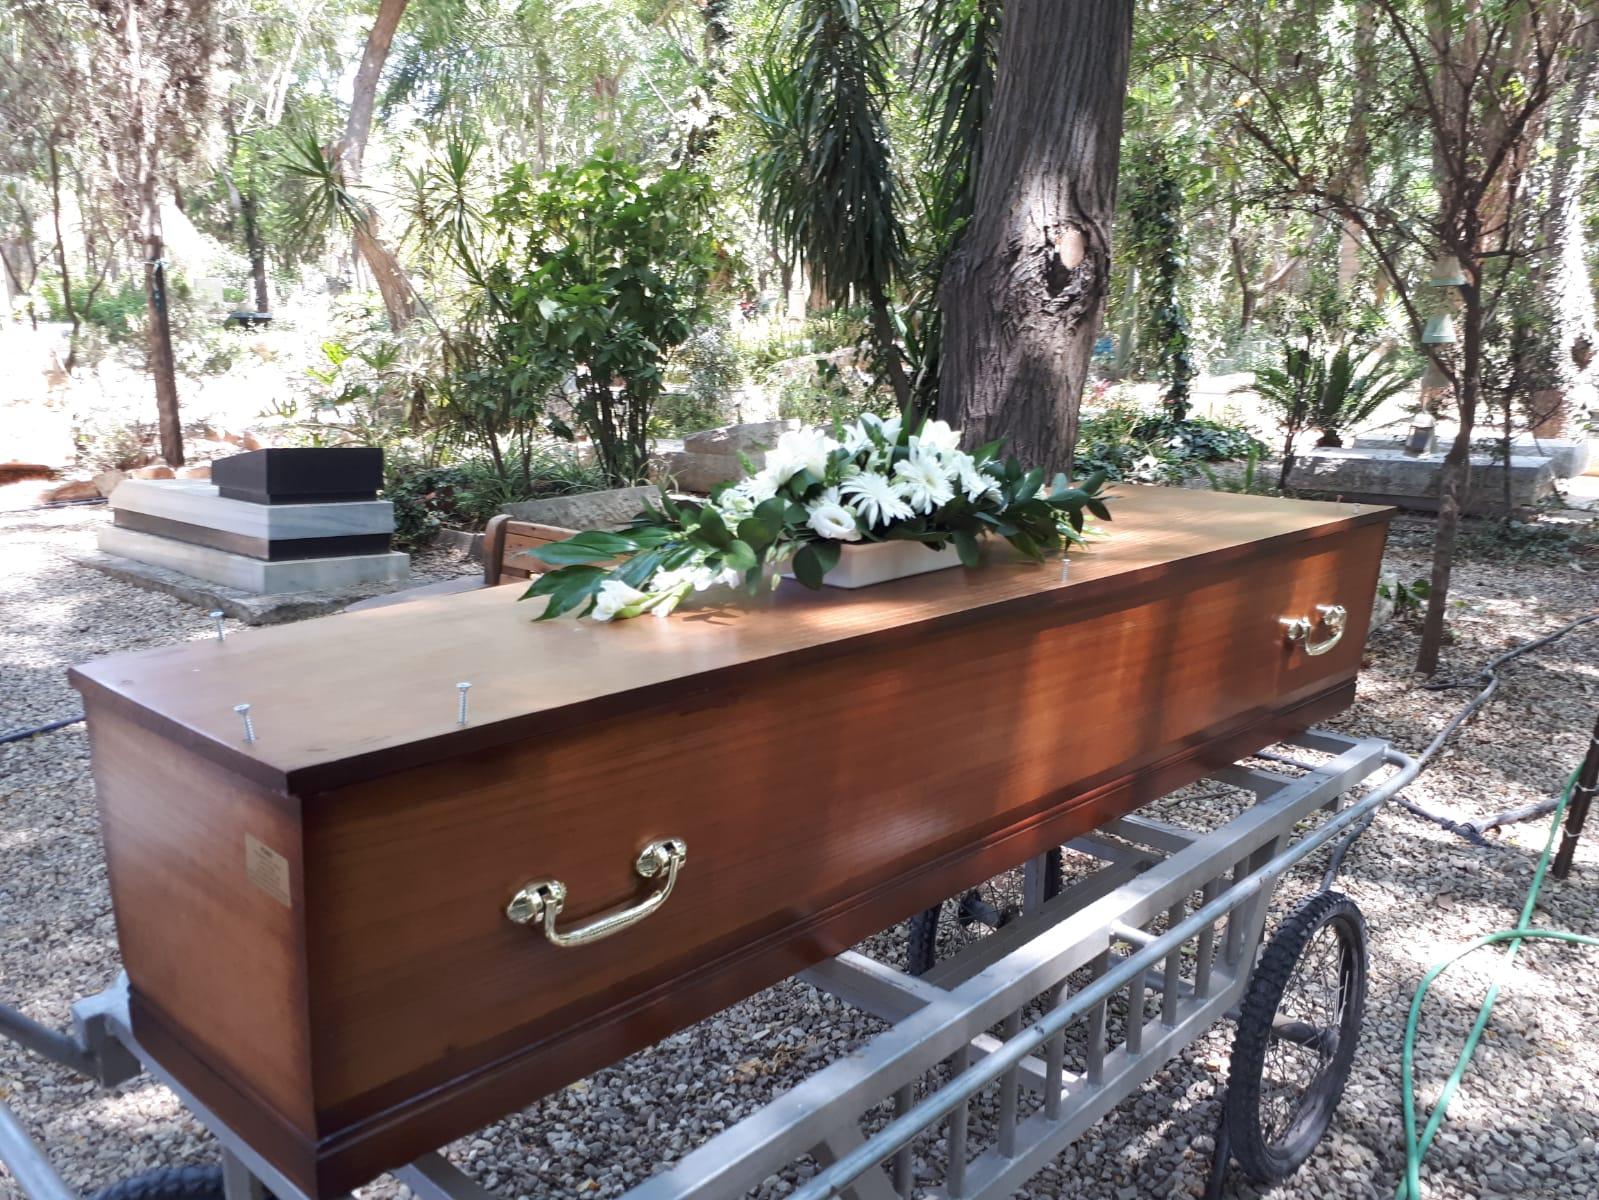 סידורי קבורה בפתח תקוה - פיני שירותי קבורה. צילום עצמי